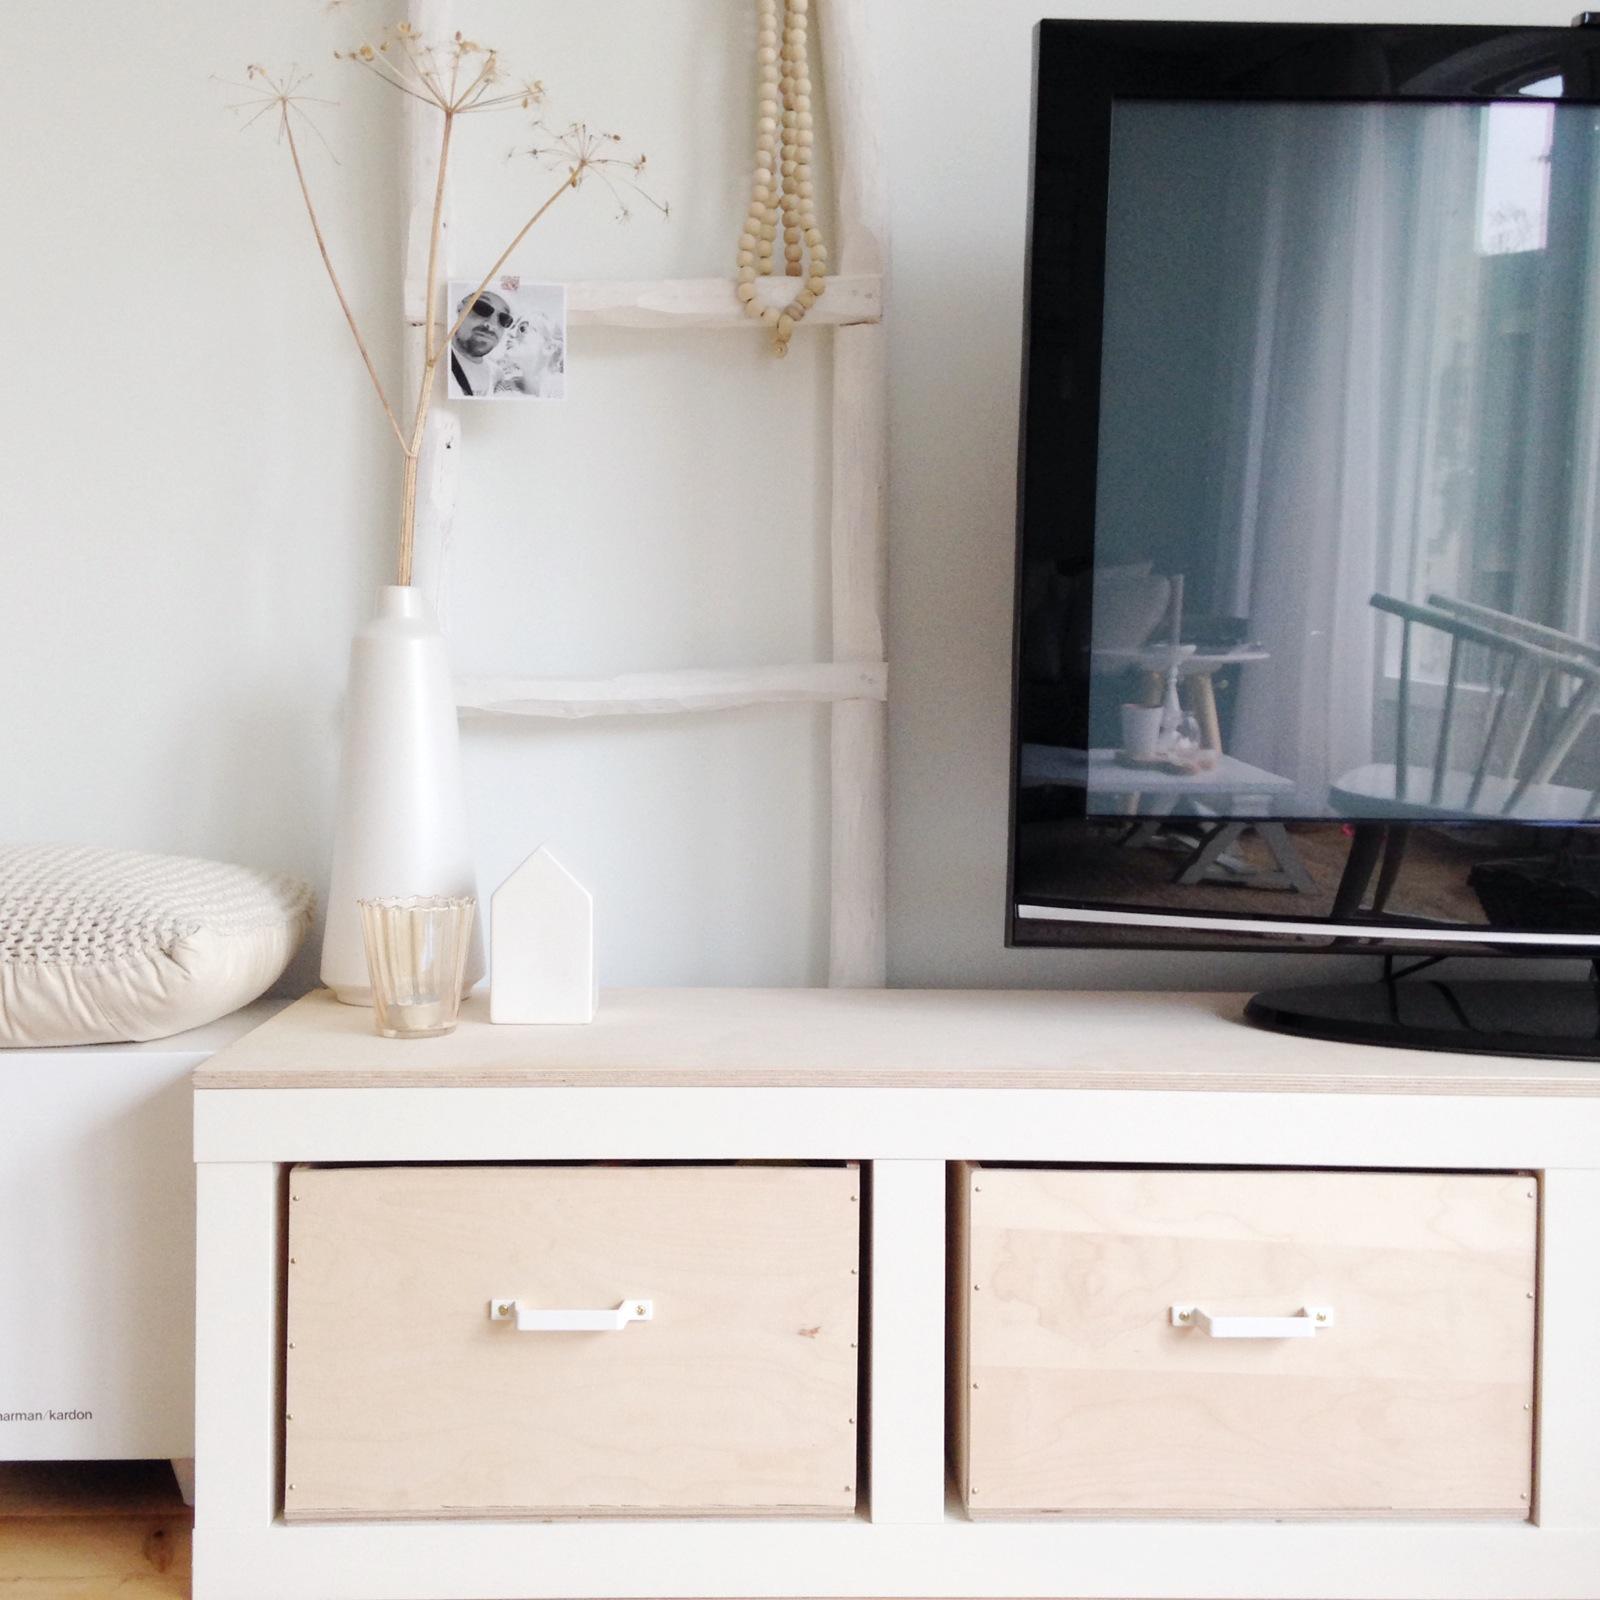 Diy Ikea Kast In Een Nieuw Jasje Selinestebacom